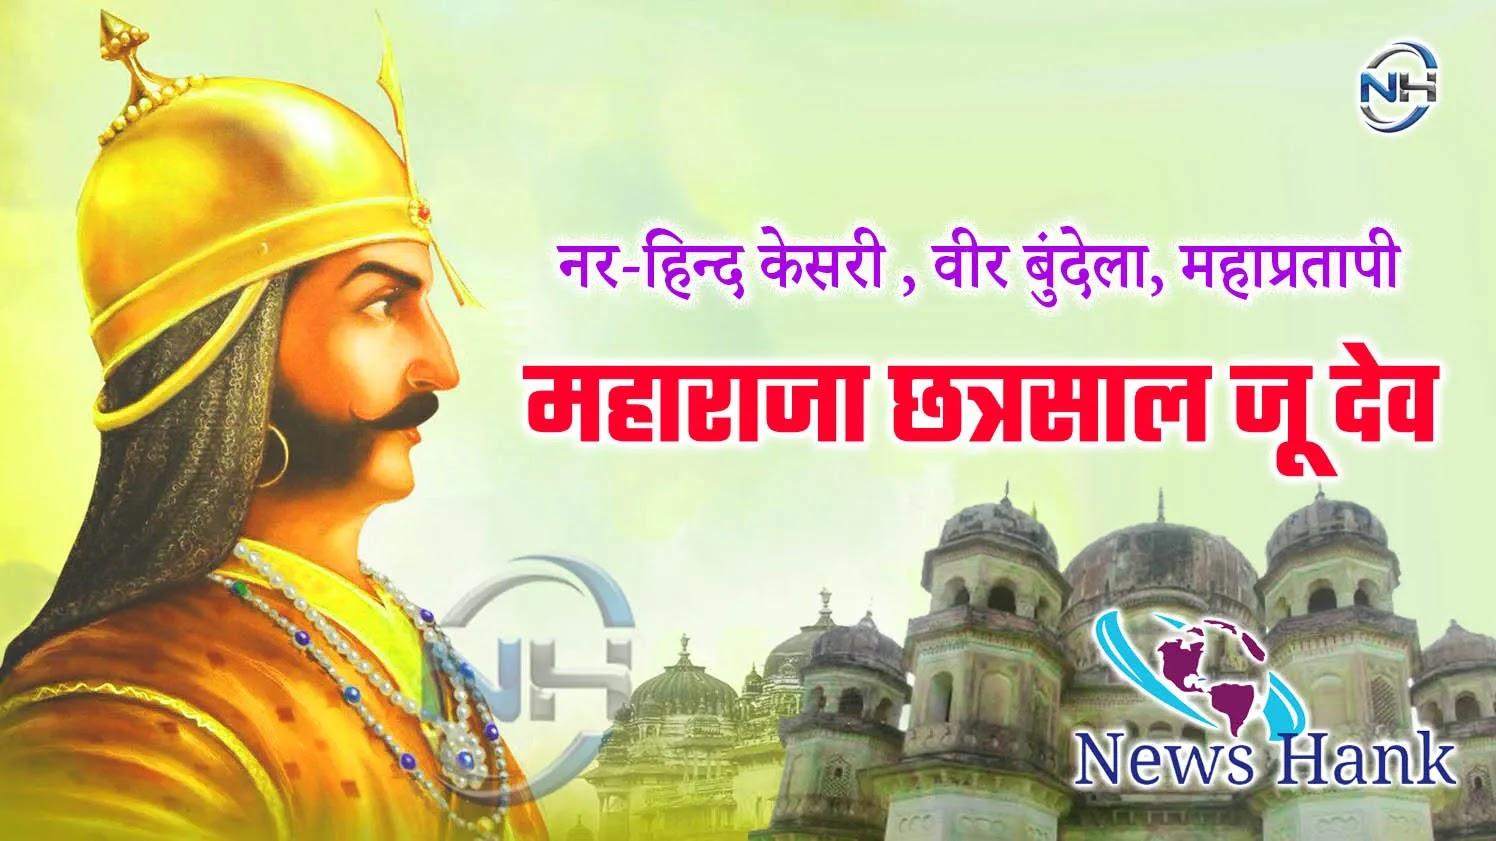 कौन थे महाराजा छत्रसाल   राजा छत्रशाल कौन थे -  newshank.com